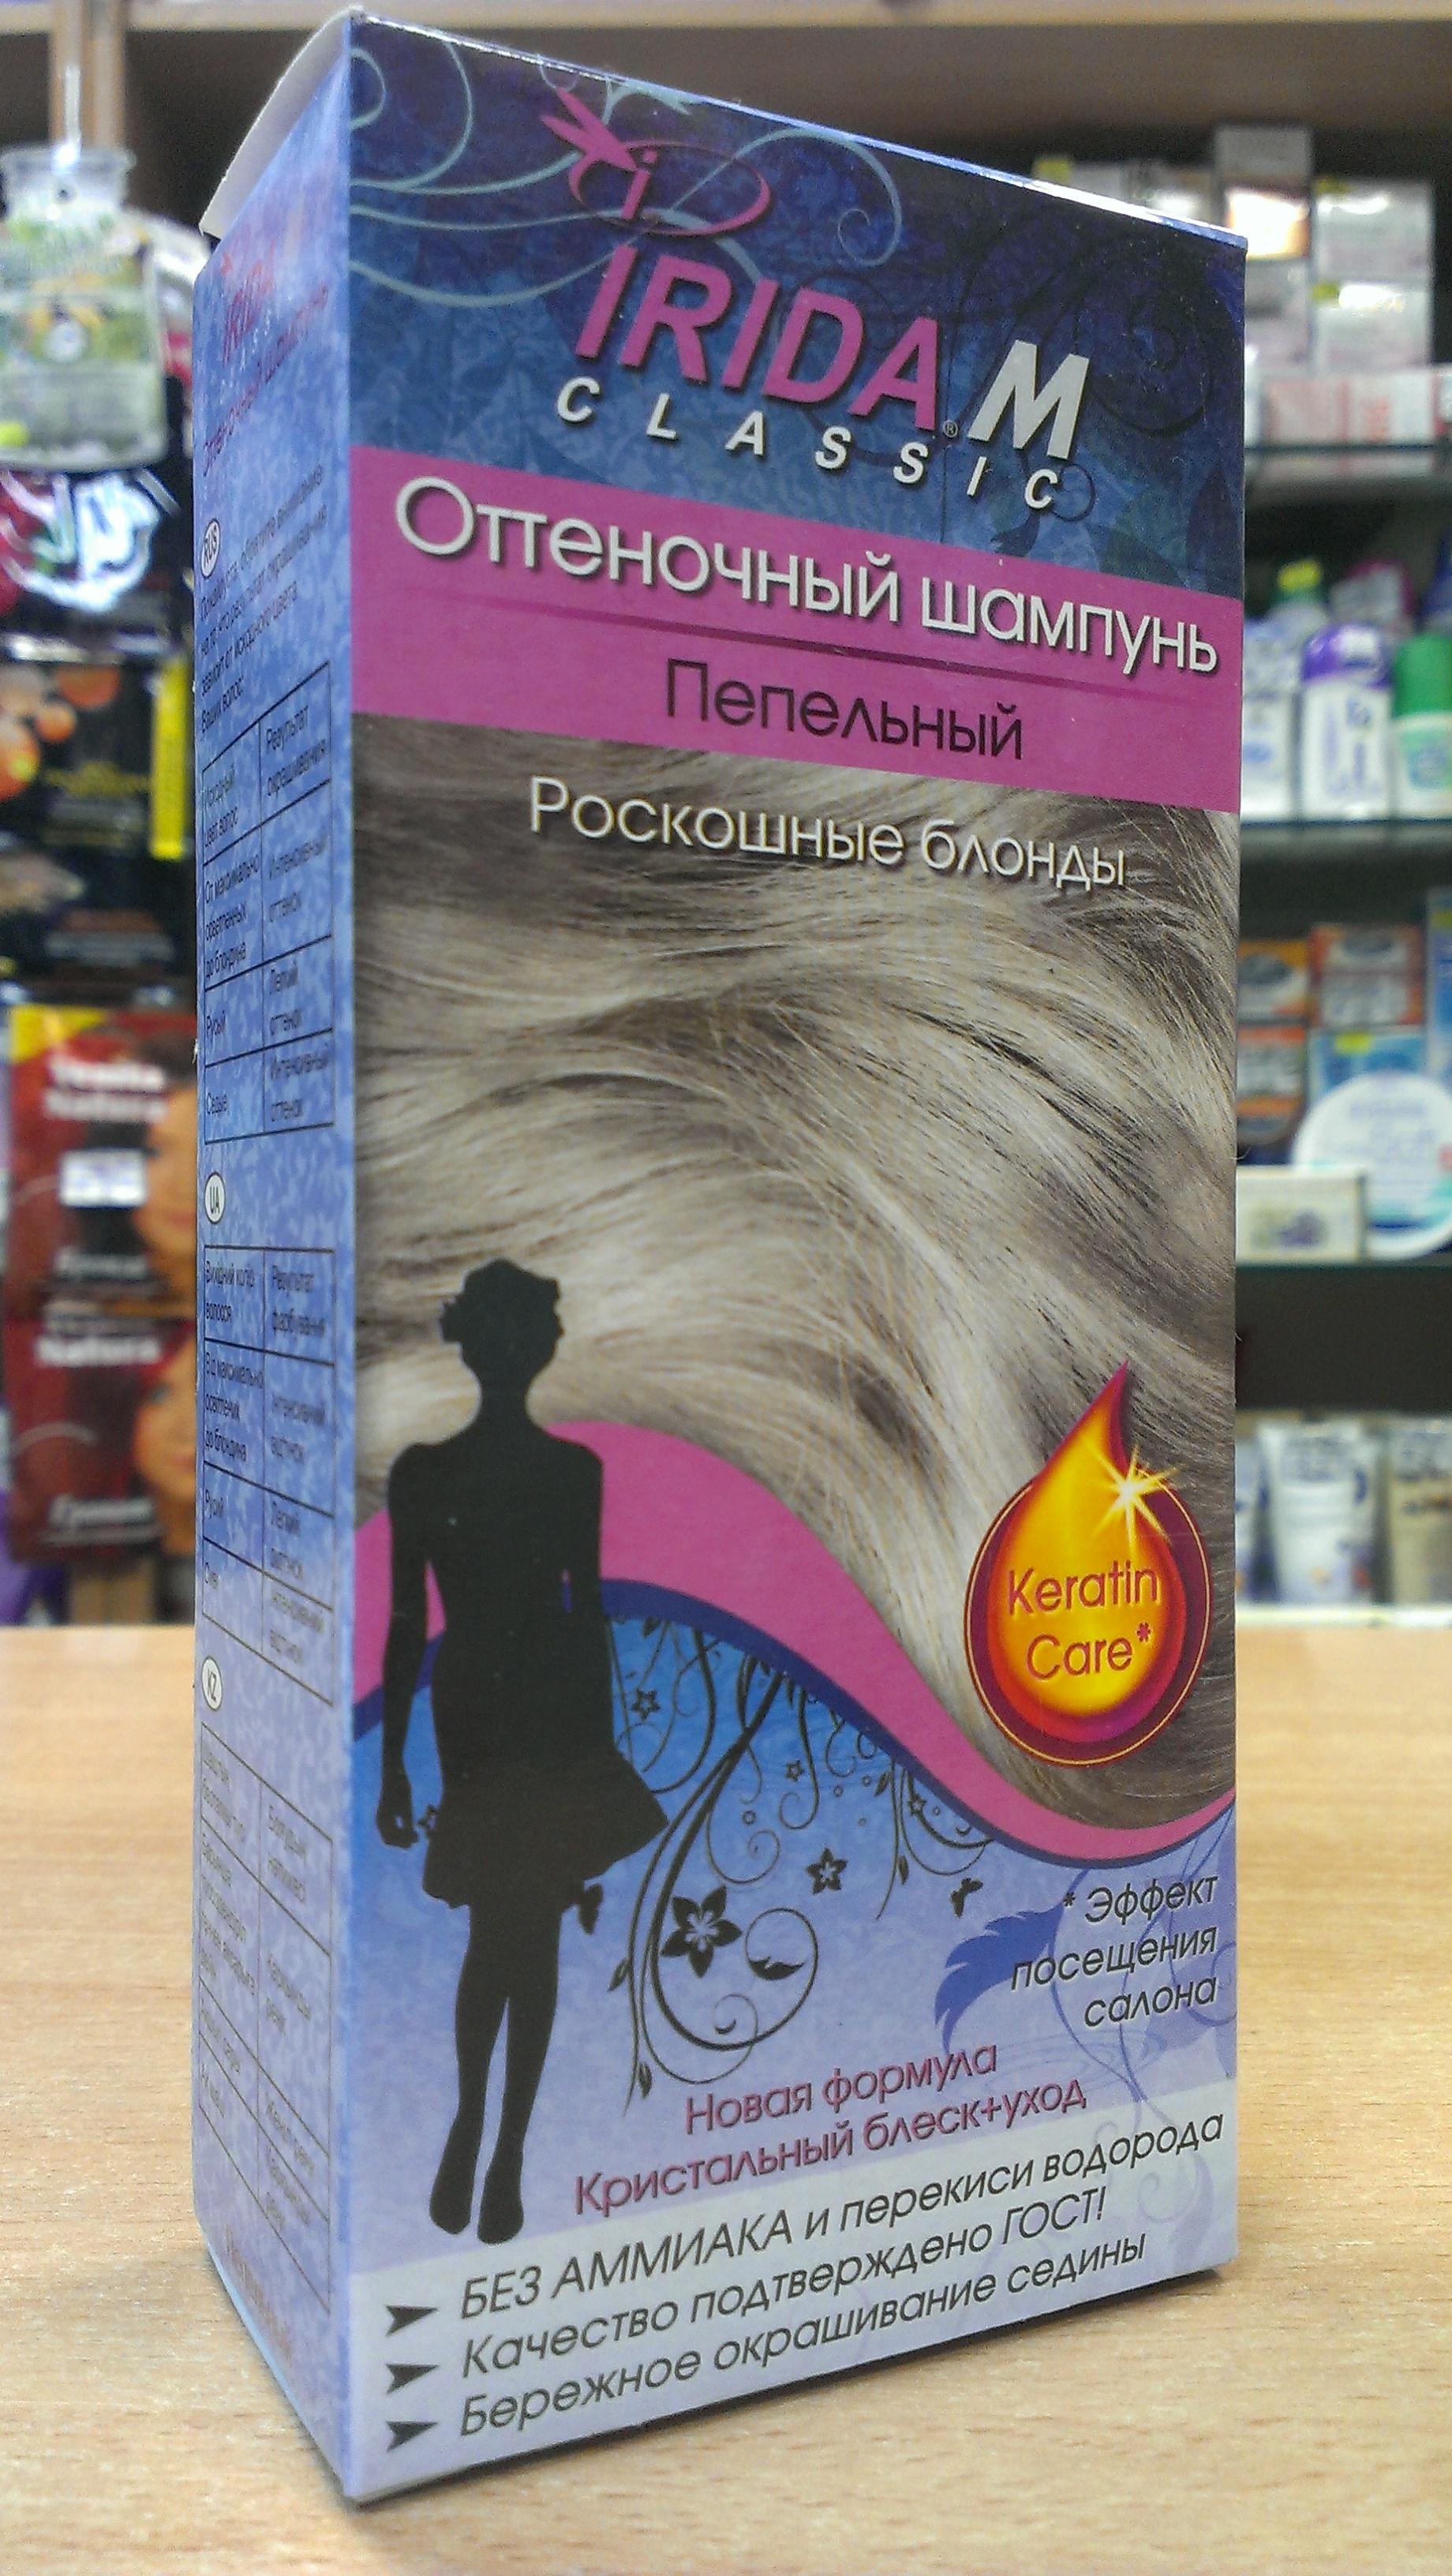 Ирида краска для волос производитель